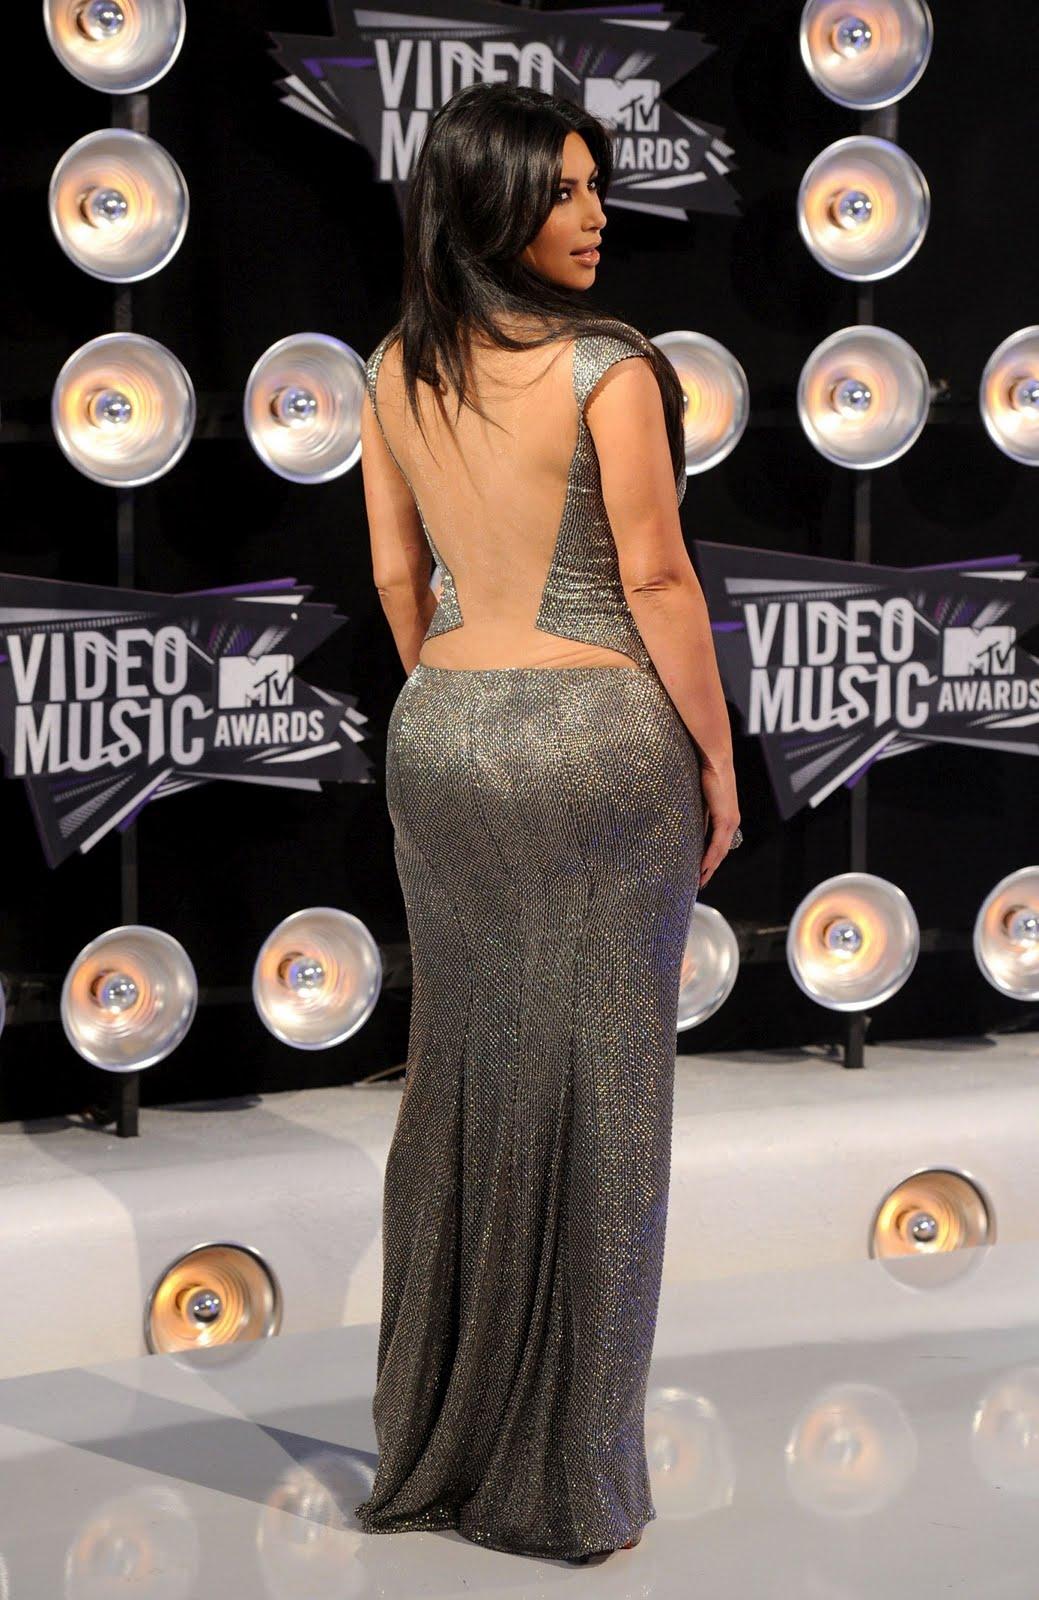 http://1.bp.blogspot.com/-mCzCuUQaR5k/TqQBX2l_Z1I/AAAAAAAAFTQ/lS3GxWOX1WM/s1600/Kim-Kardashian-75.jpg